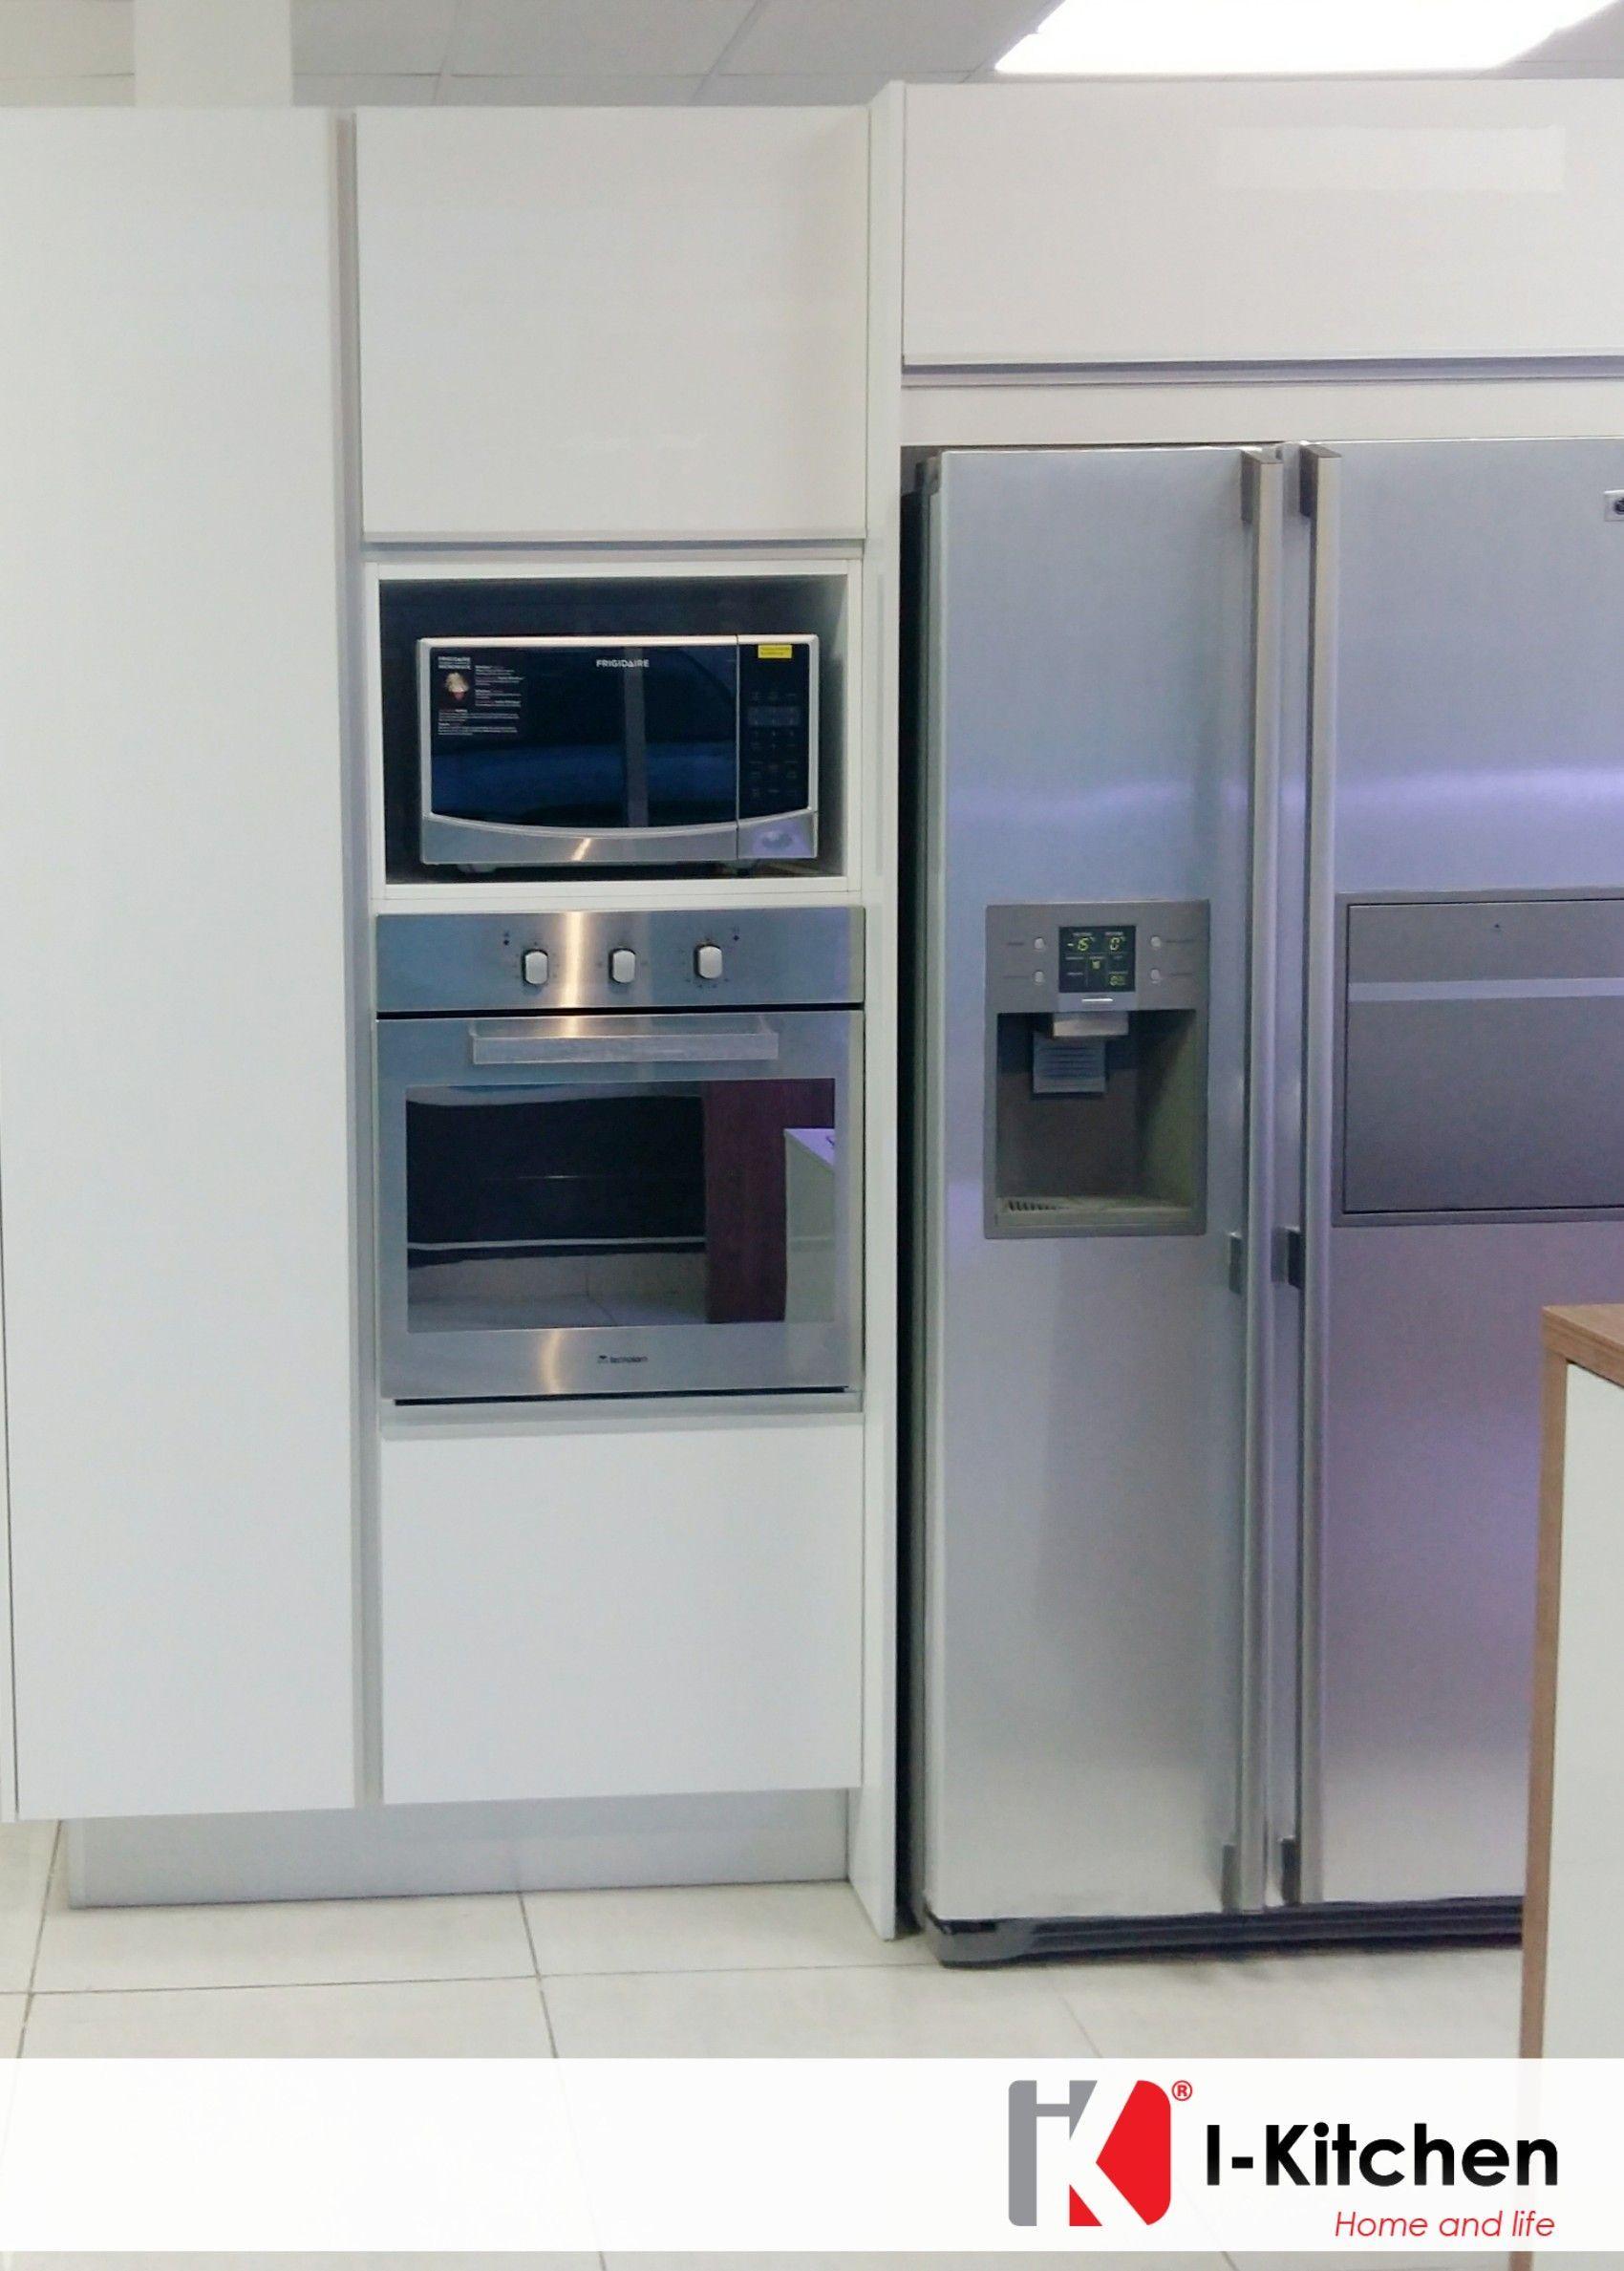 Hermosa cocina con empotrado de nevera horno y microondas for Comidas hechas en microondas